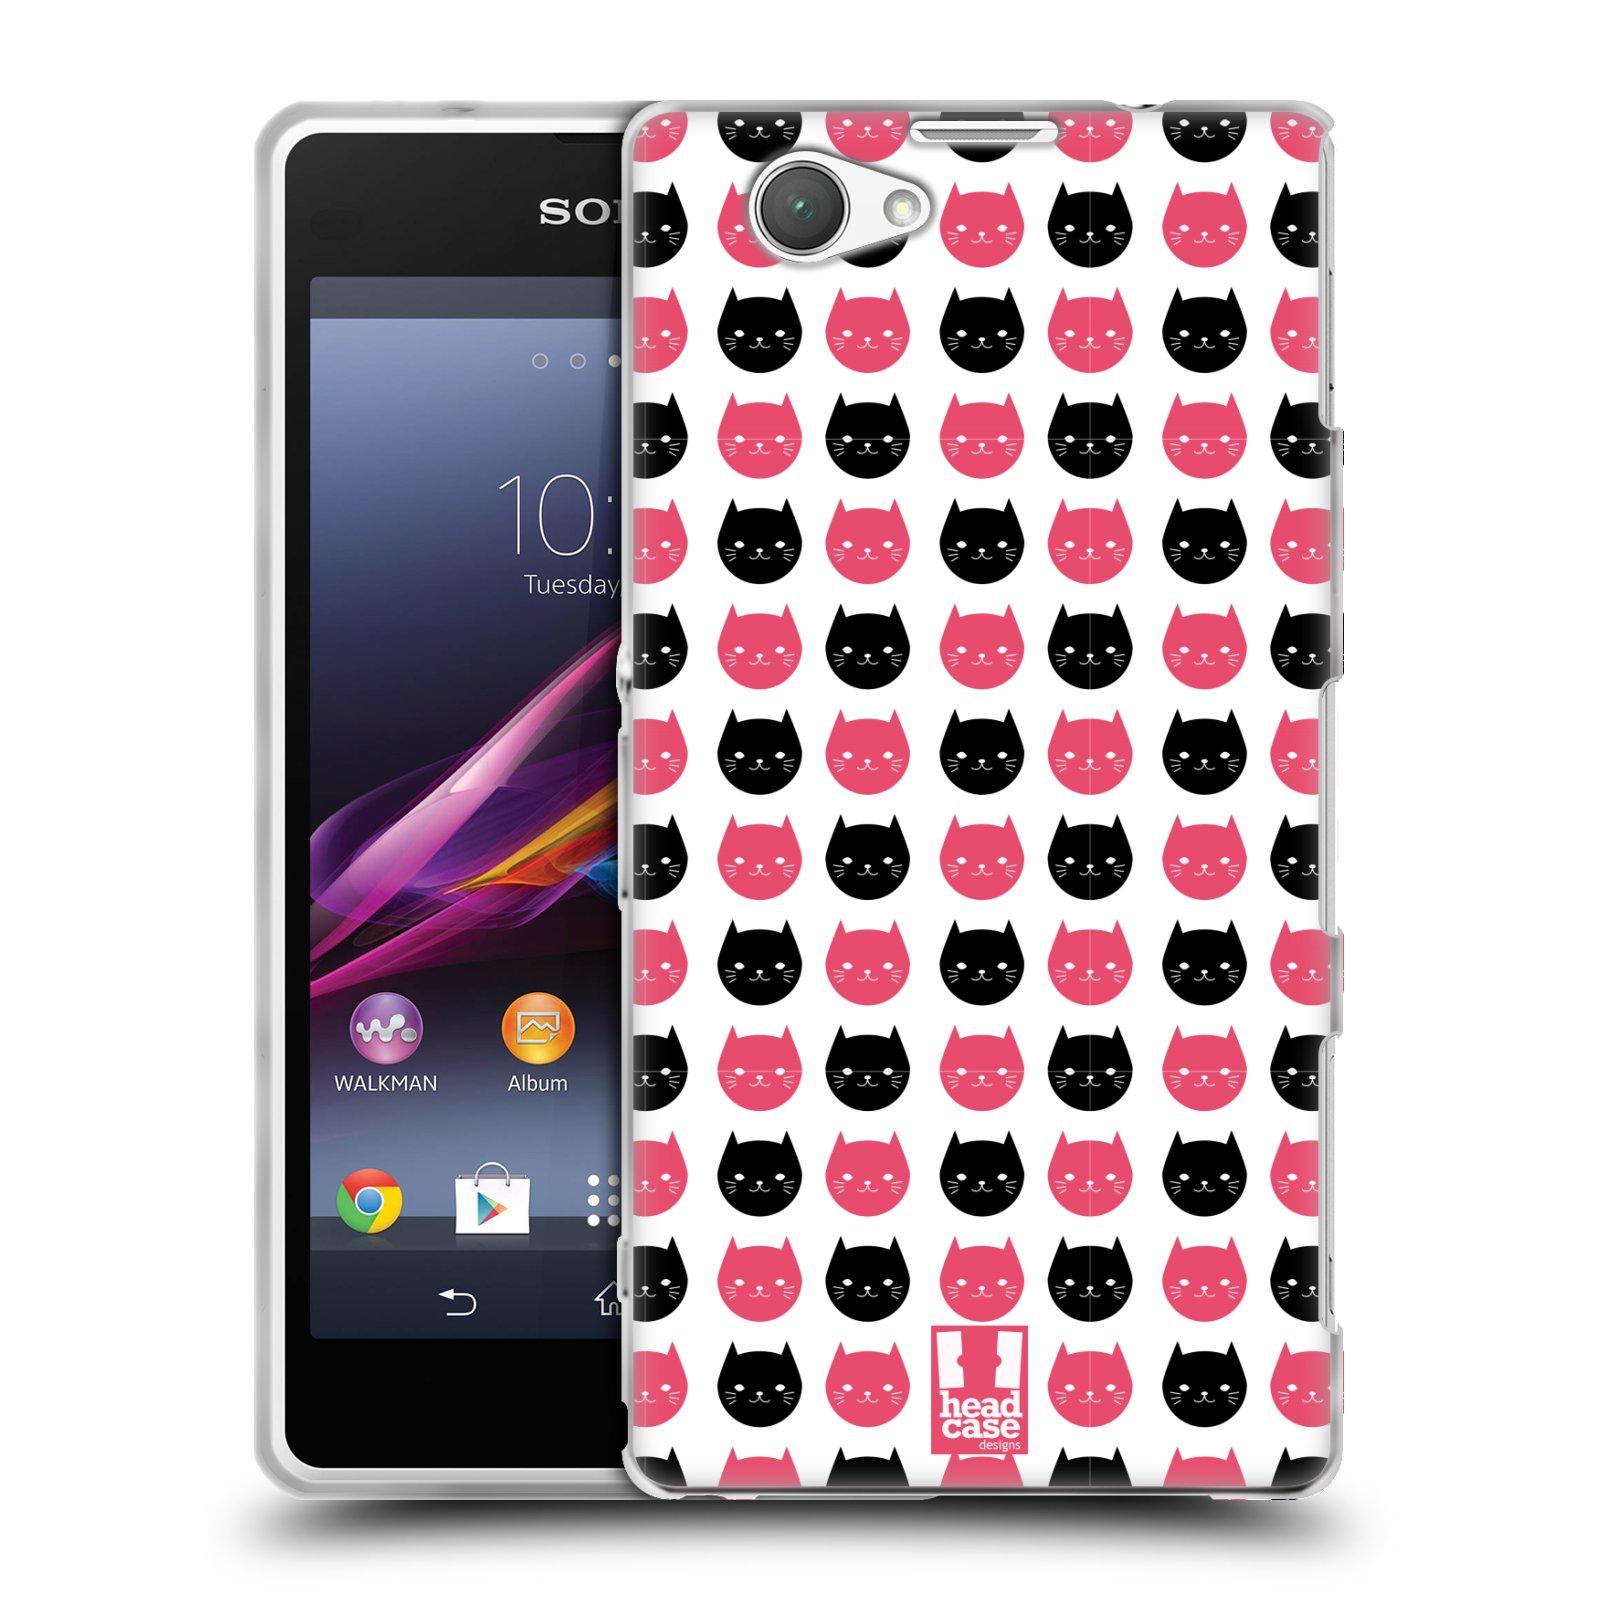 Silikonové pouzdro na mobil Sony Xperia Z1 Compact D5503 HEAD CASE KOČKY Black and Pink (Silikonový kryt či obal na mobilní telefon Sony Xperia Z1 Compact)